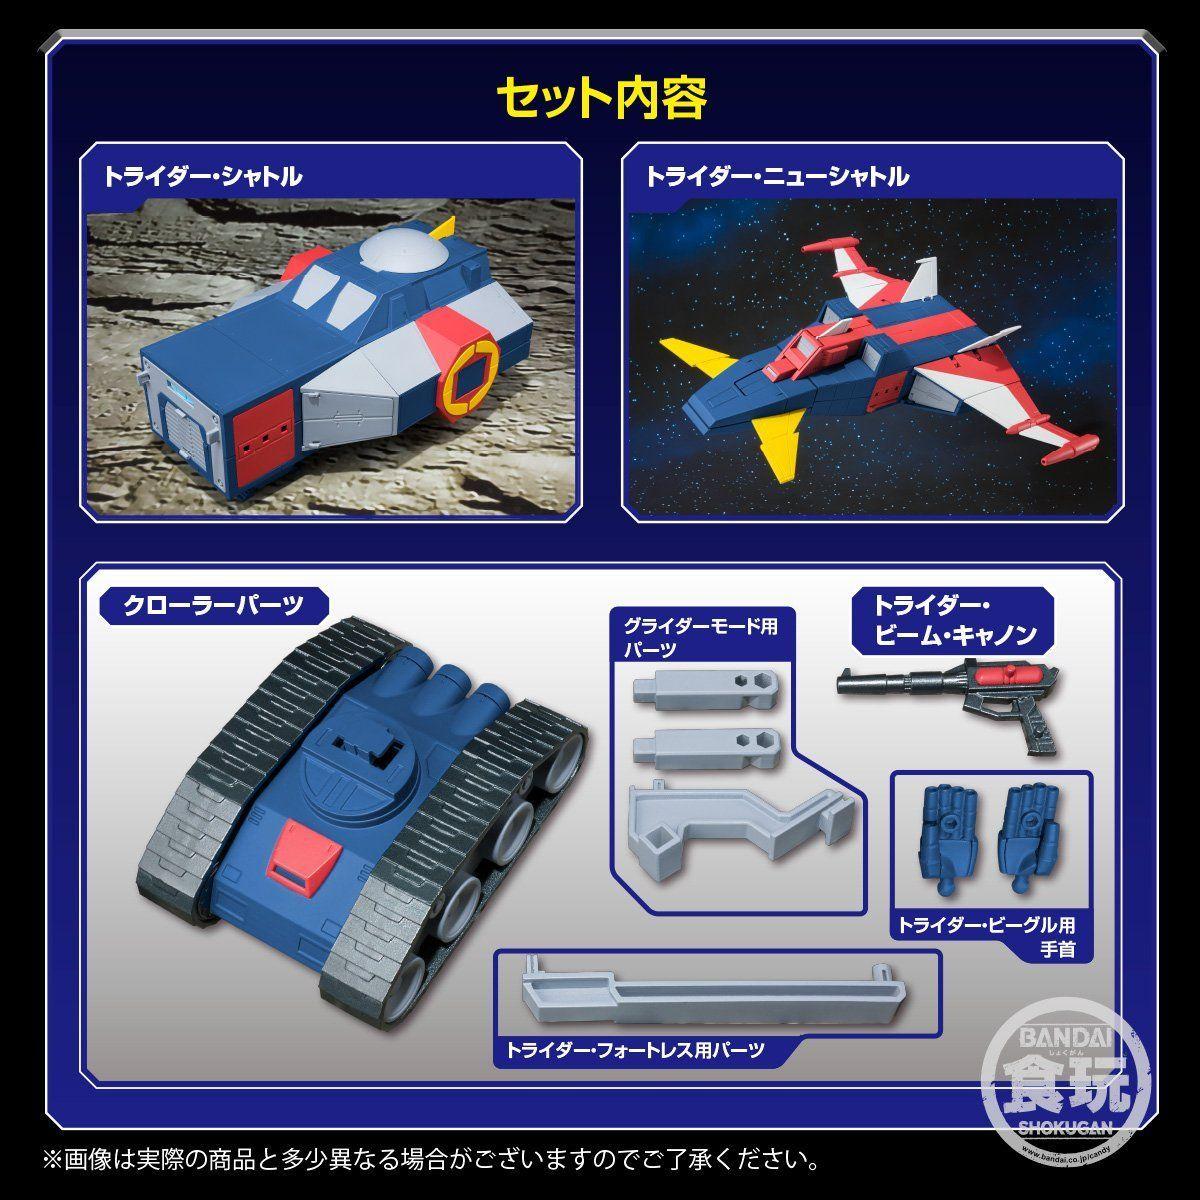 【食玩】スーパーミニプラ『無敵ロボ トライダーG7』3個入りBOX-013